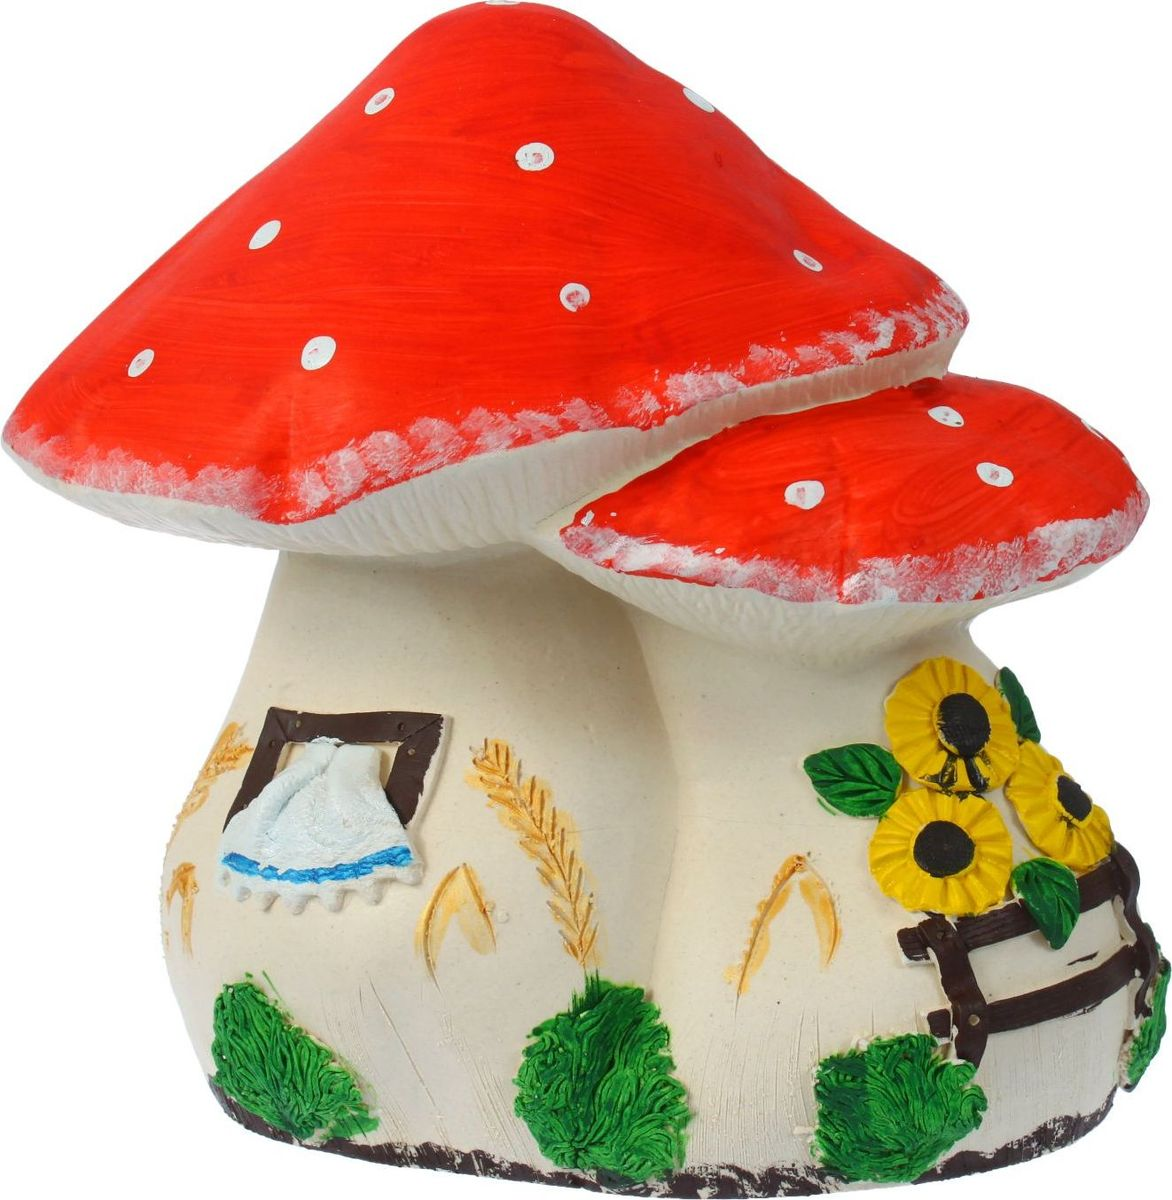 Копилка Керамика ручной работы Мухомор, 18 х 30 х 26 см1299191Поставьте копилку в форме гриба на кухне или в прихожей, ведь этот лесной житель является символом долголетия. Откладывая в неё деньги на покупку приятных мелочей, вы точно будете знать, что однажды она вас выручит Обращаем ваше внимание, что копилка является одноразовой.